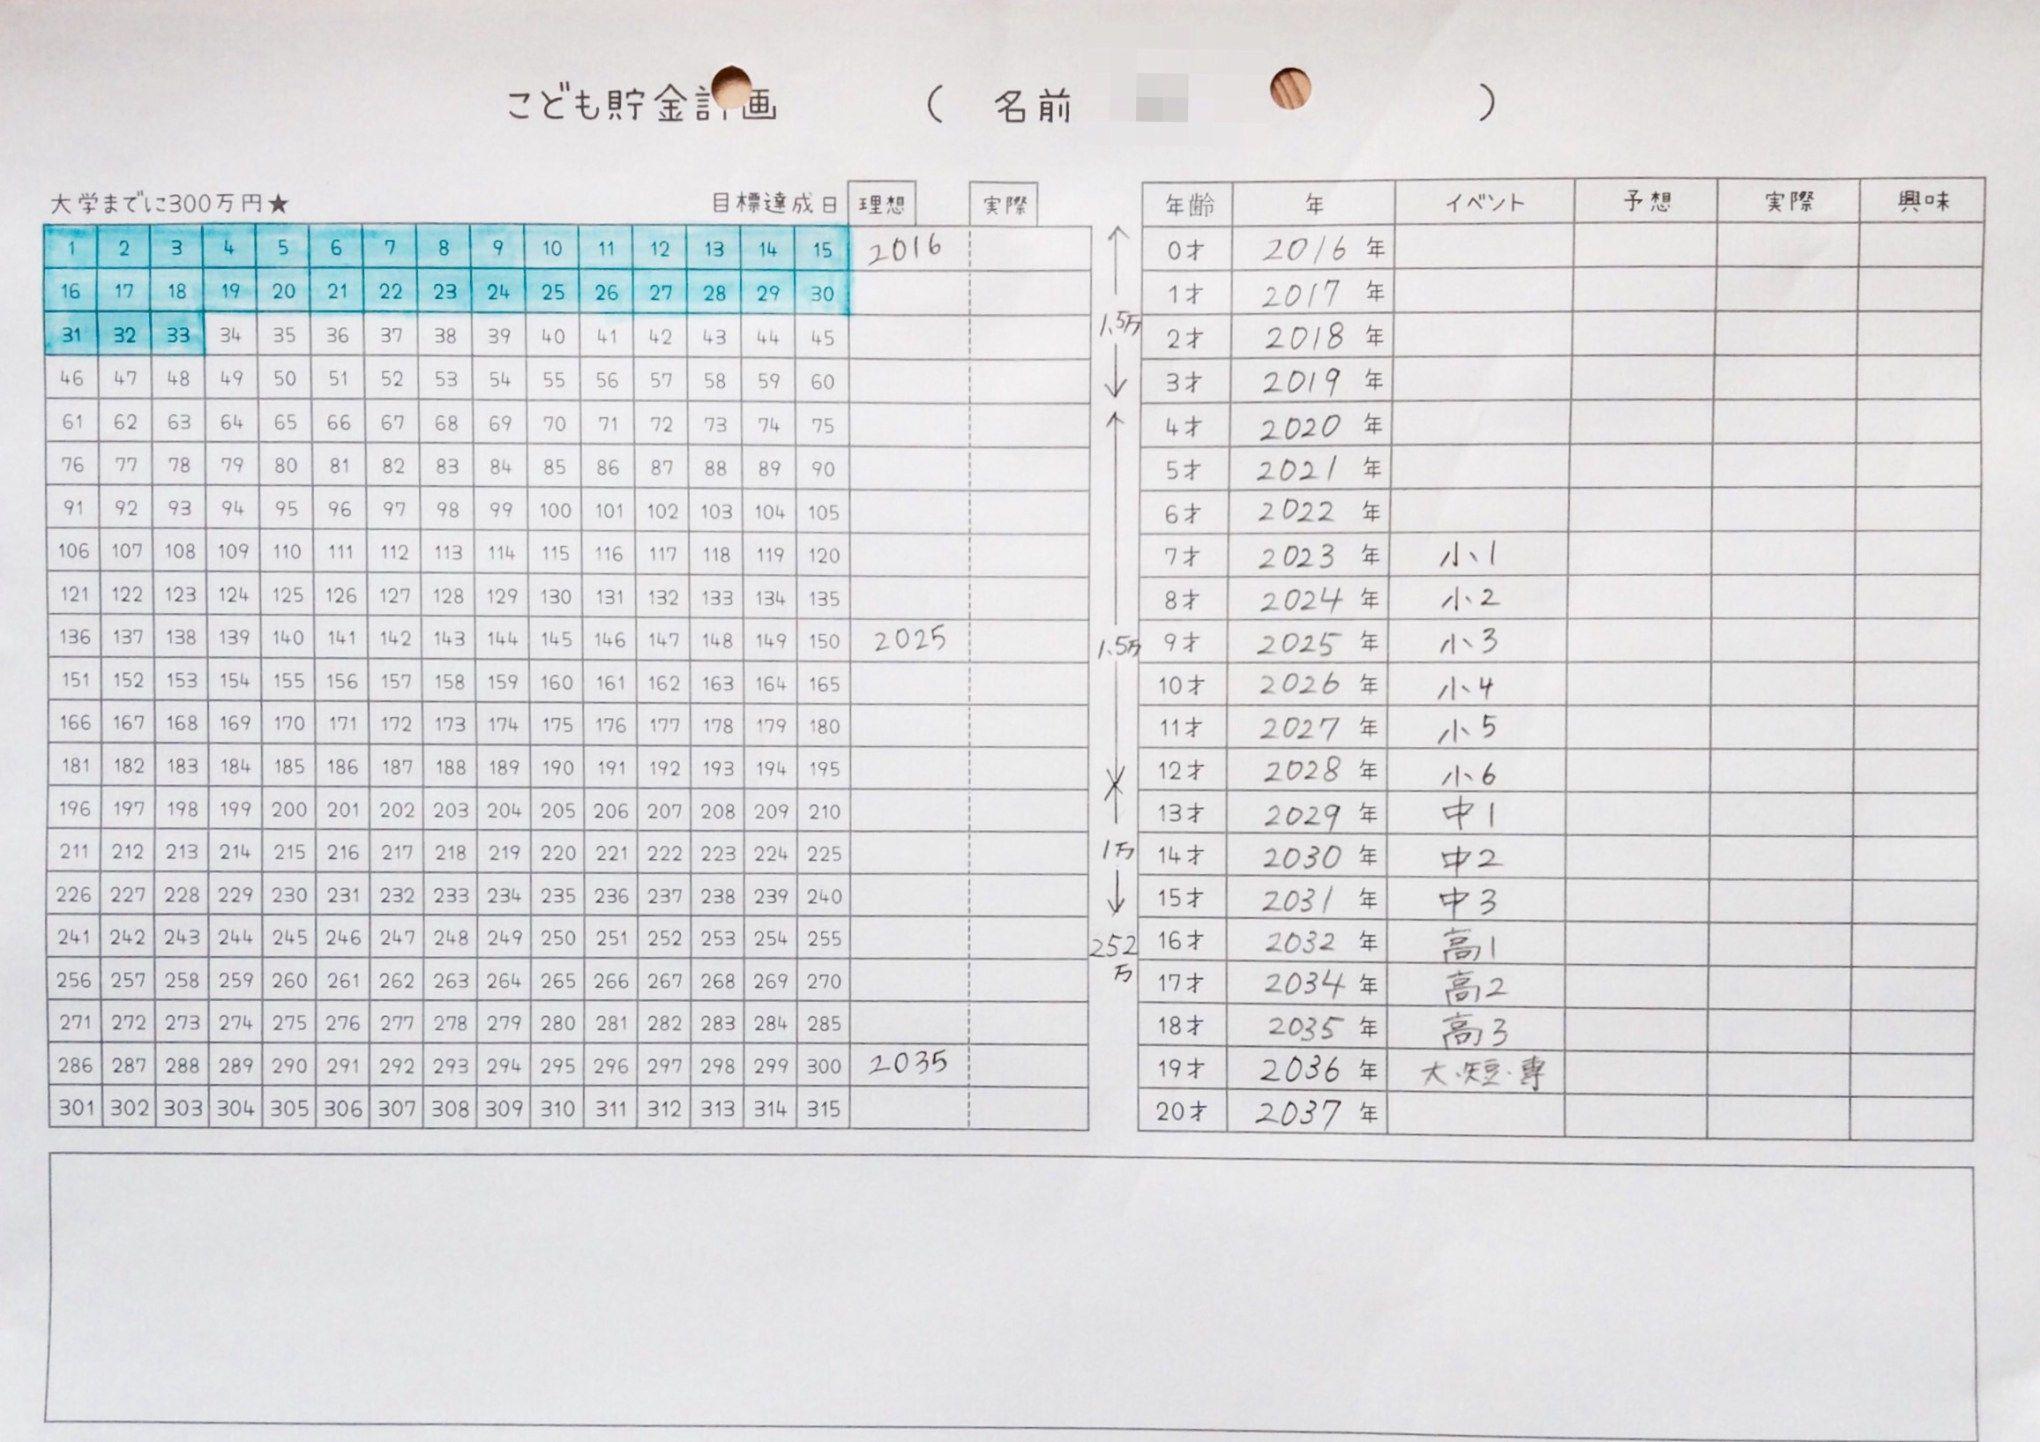 Hanaの家計簿 お付き合いノート 自作で手書き の例 見本 家計簿